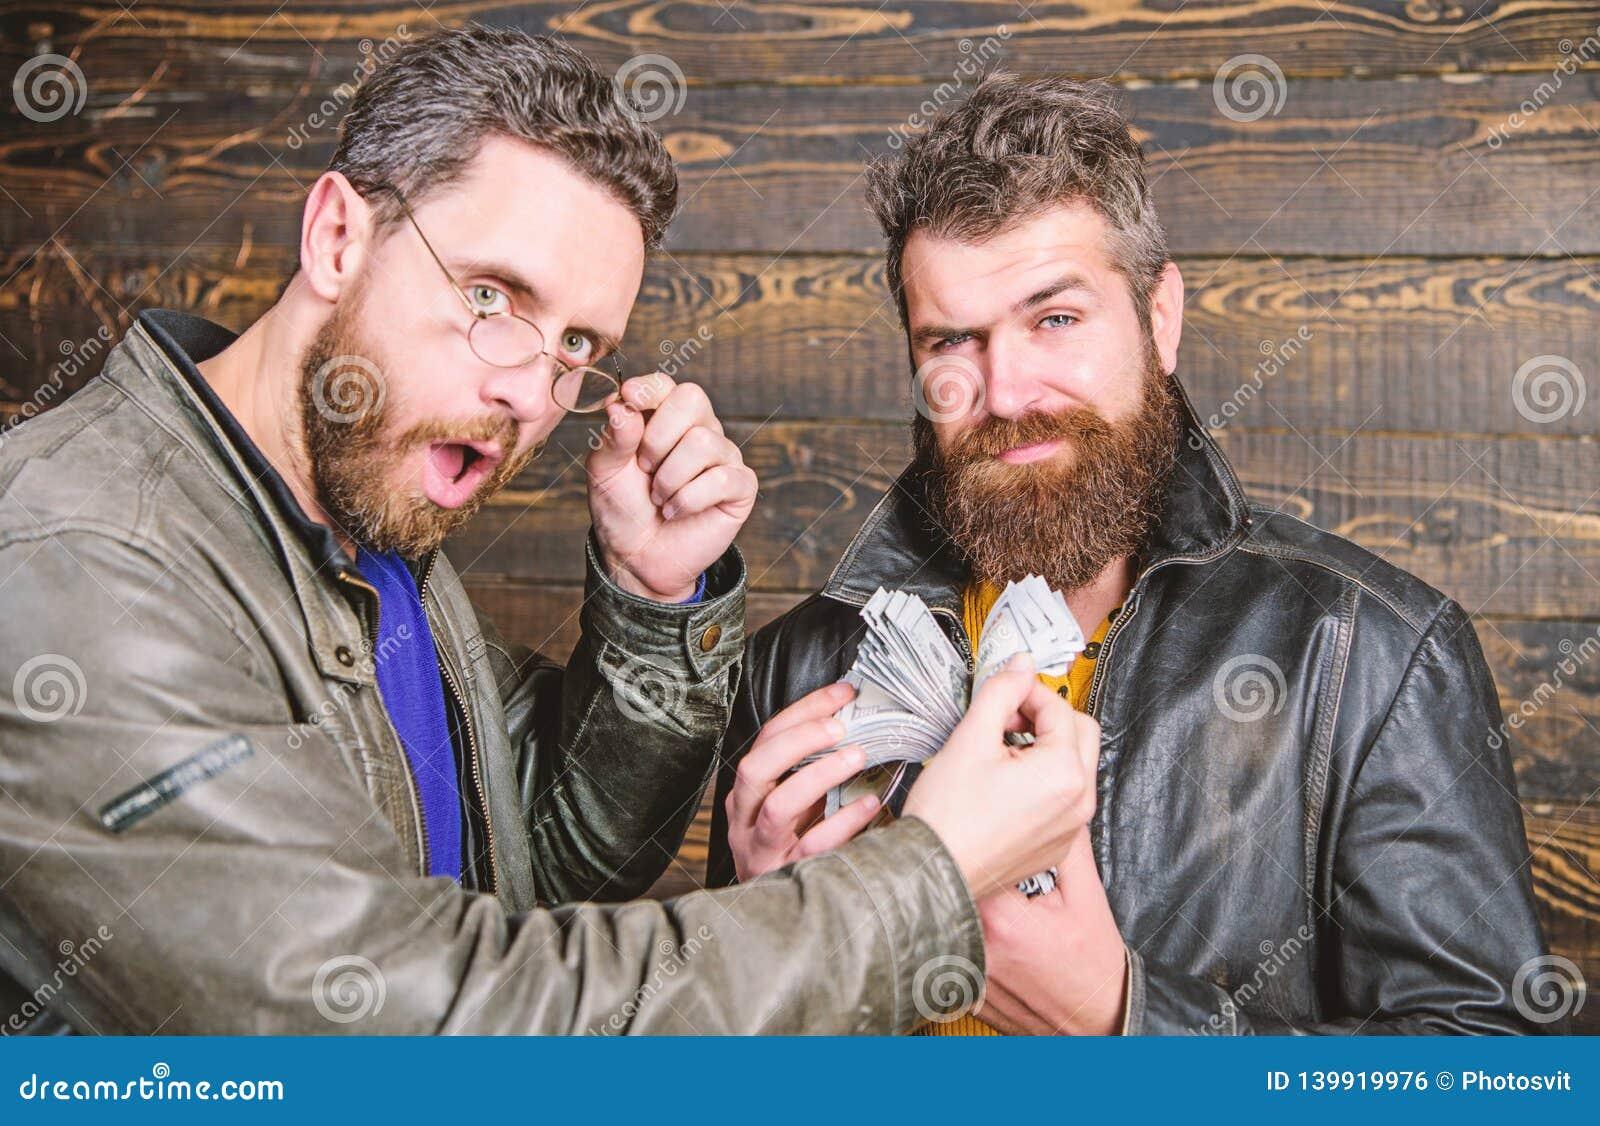 Negócio da máfia Lucro impressionante Casaco de cabedal farpado brutal do desgaste do moderno dos homens e para guardar o dinheir